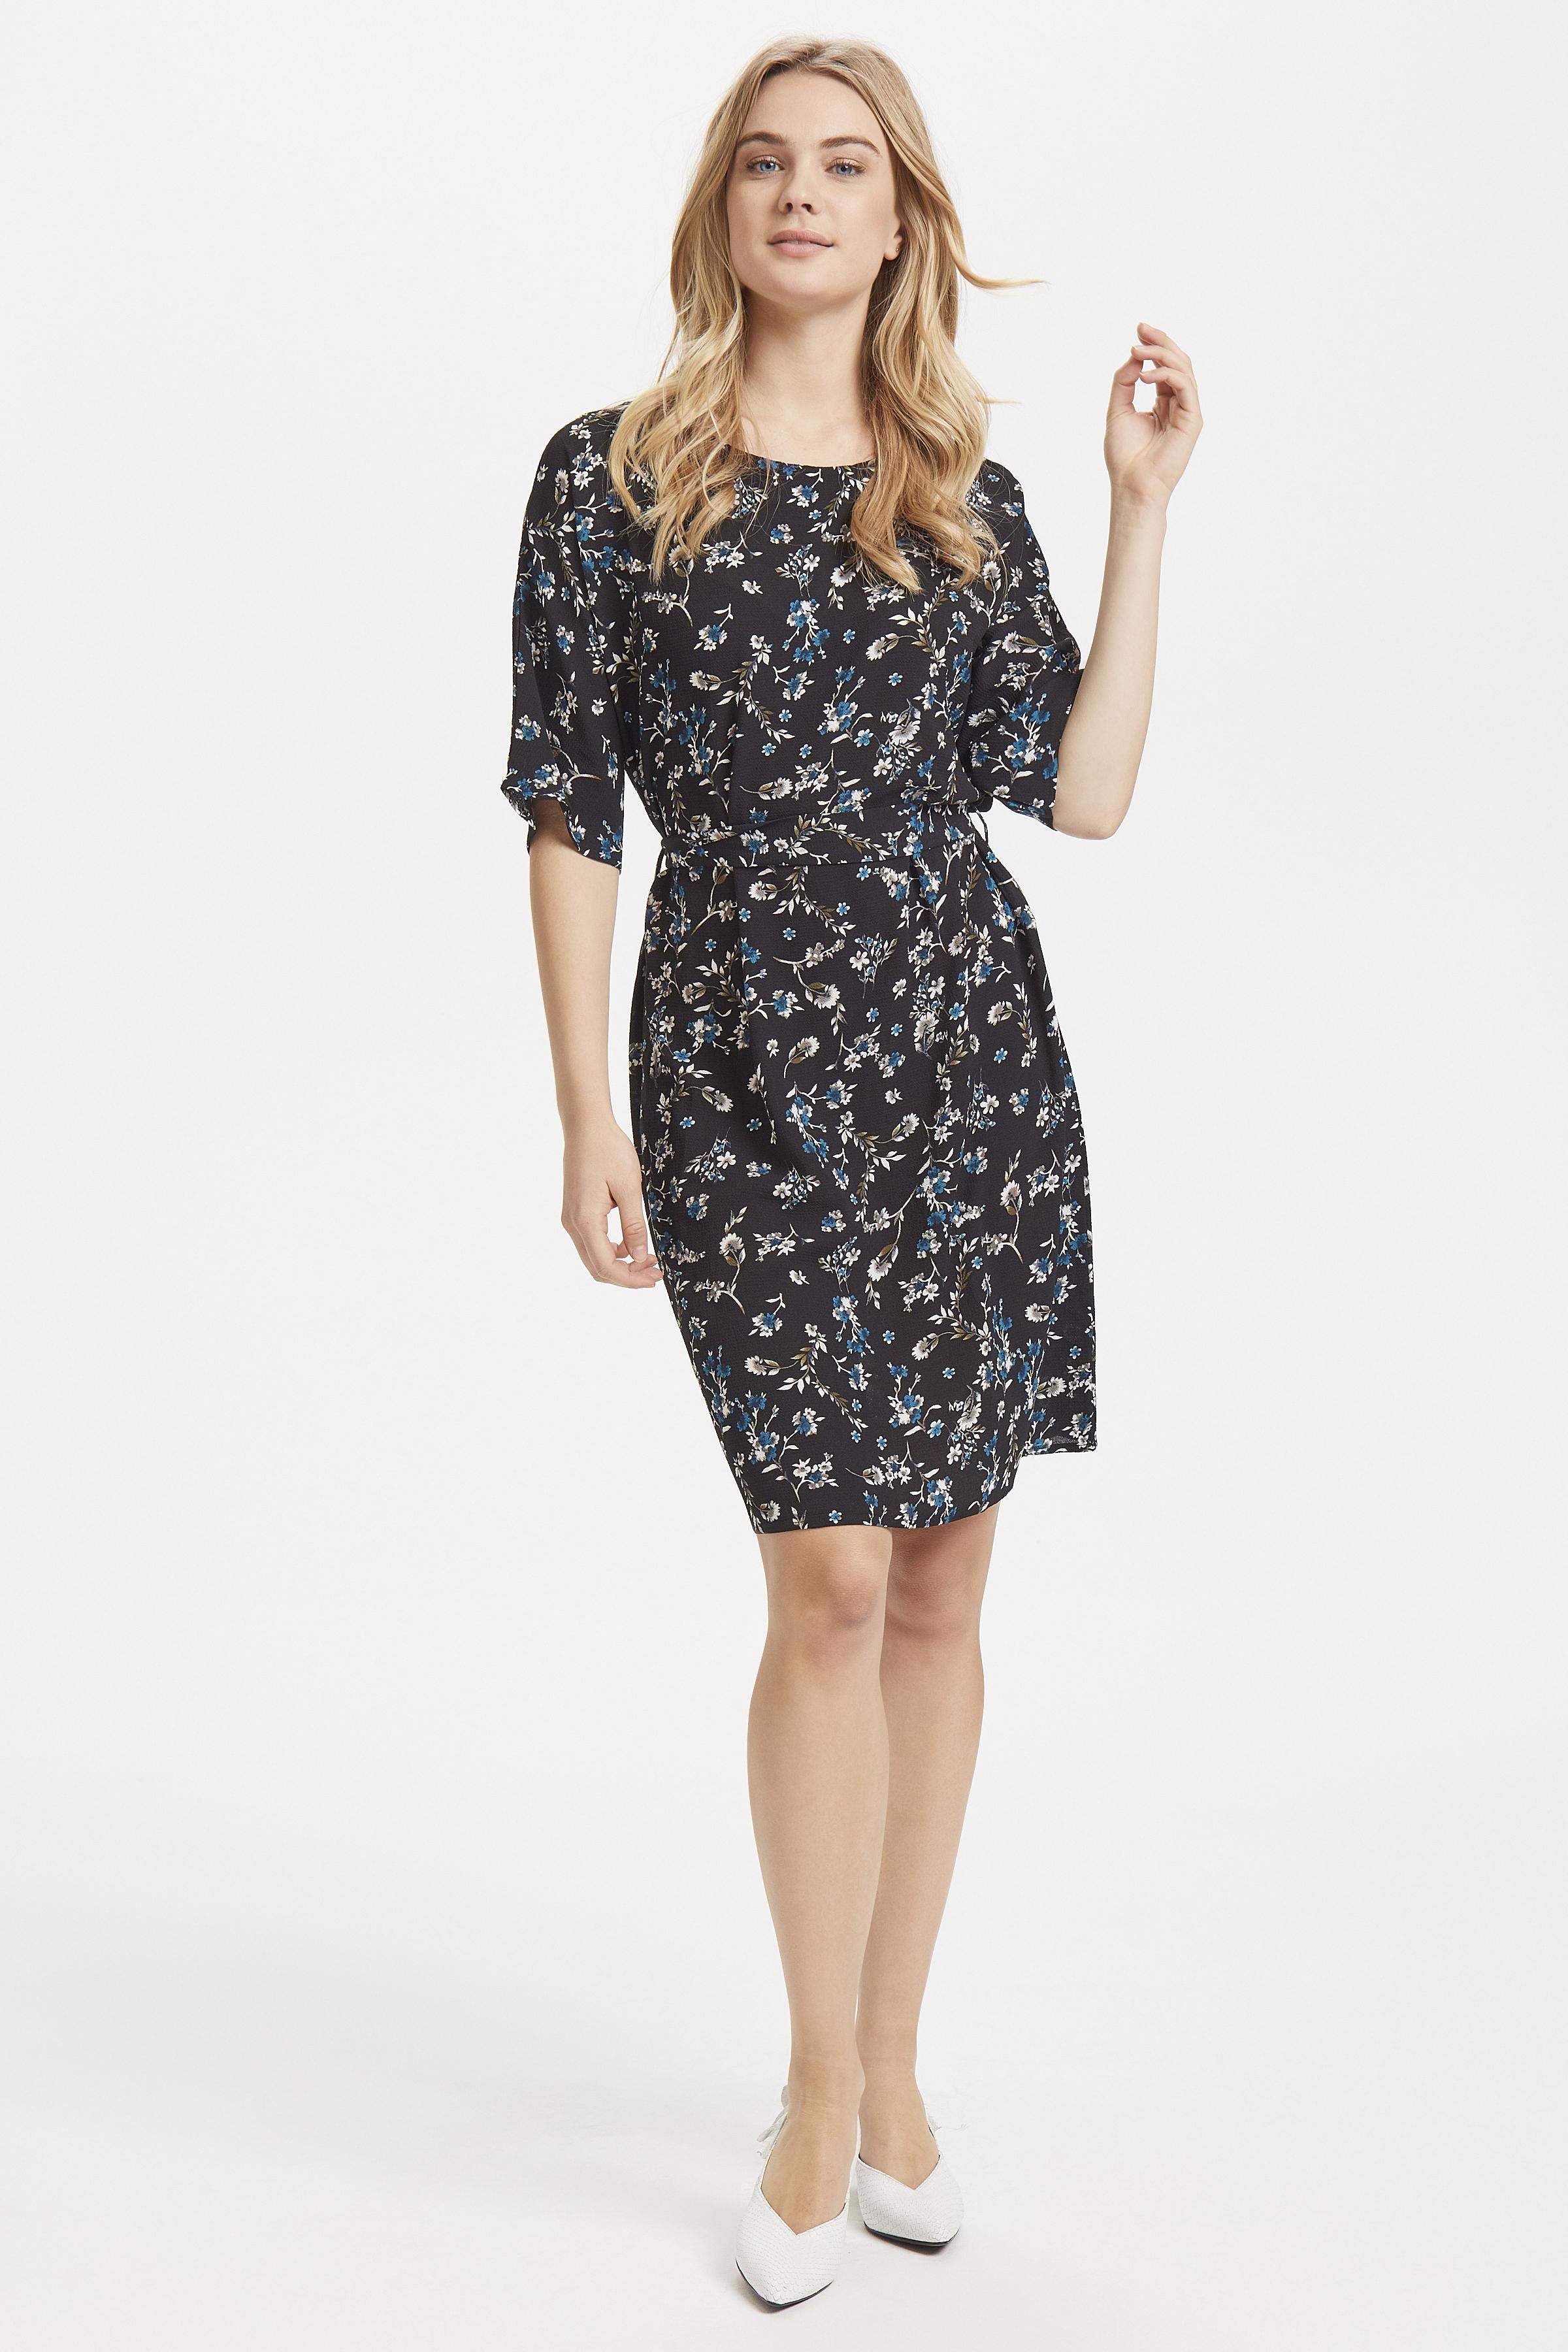 Black combi 2 Kleid von b.young – Kaufen Sie Black combi 2 Kleid aus Größe 34-42 hier